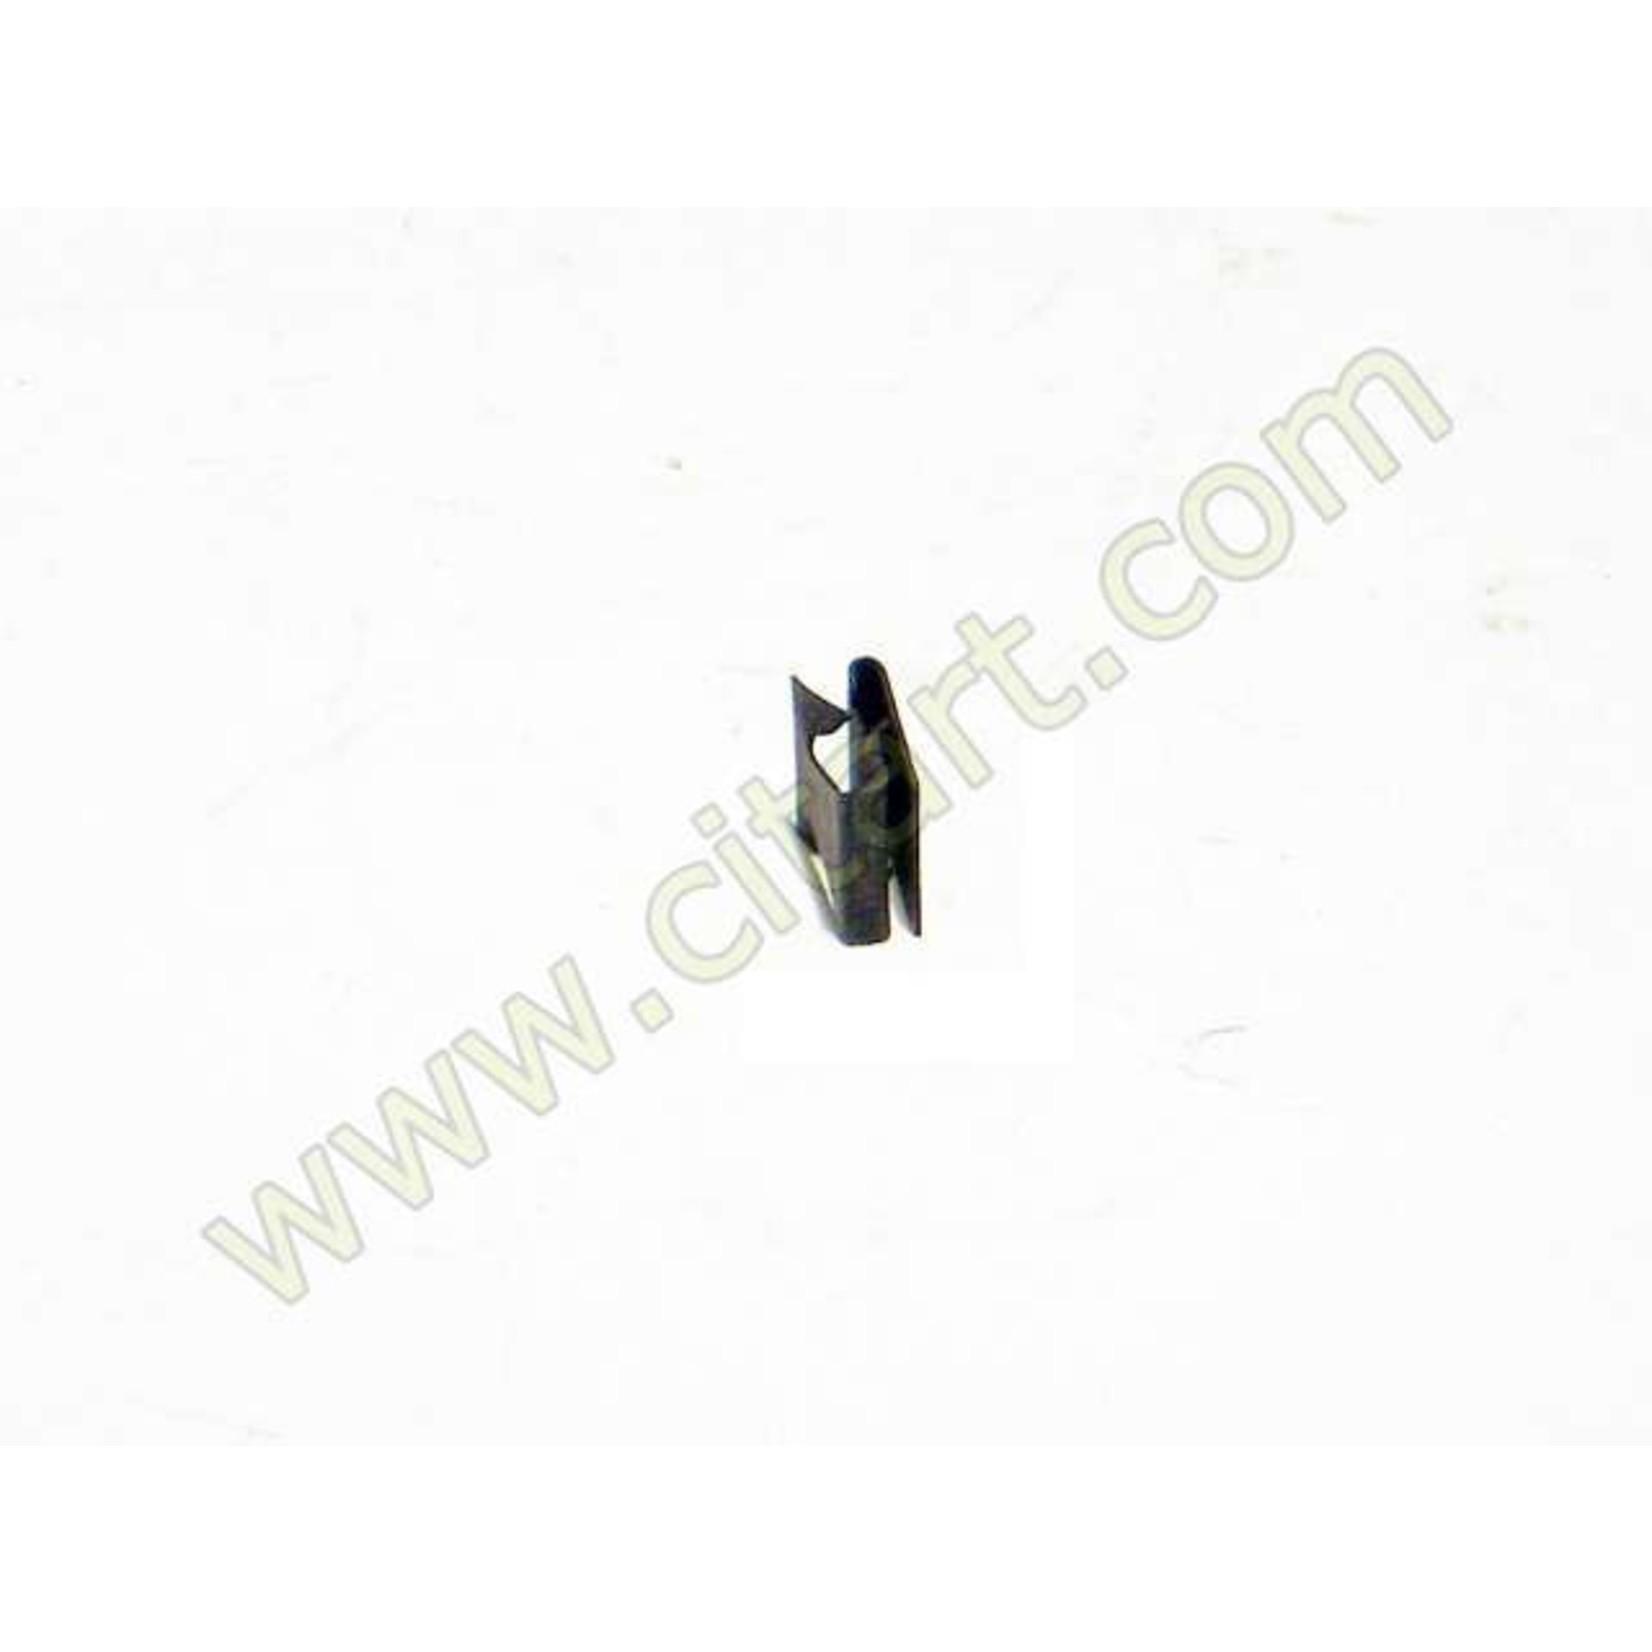 Grapa aleta delantera - parachoques Nr Org: ZC9619838